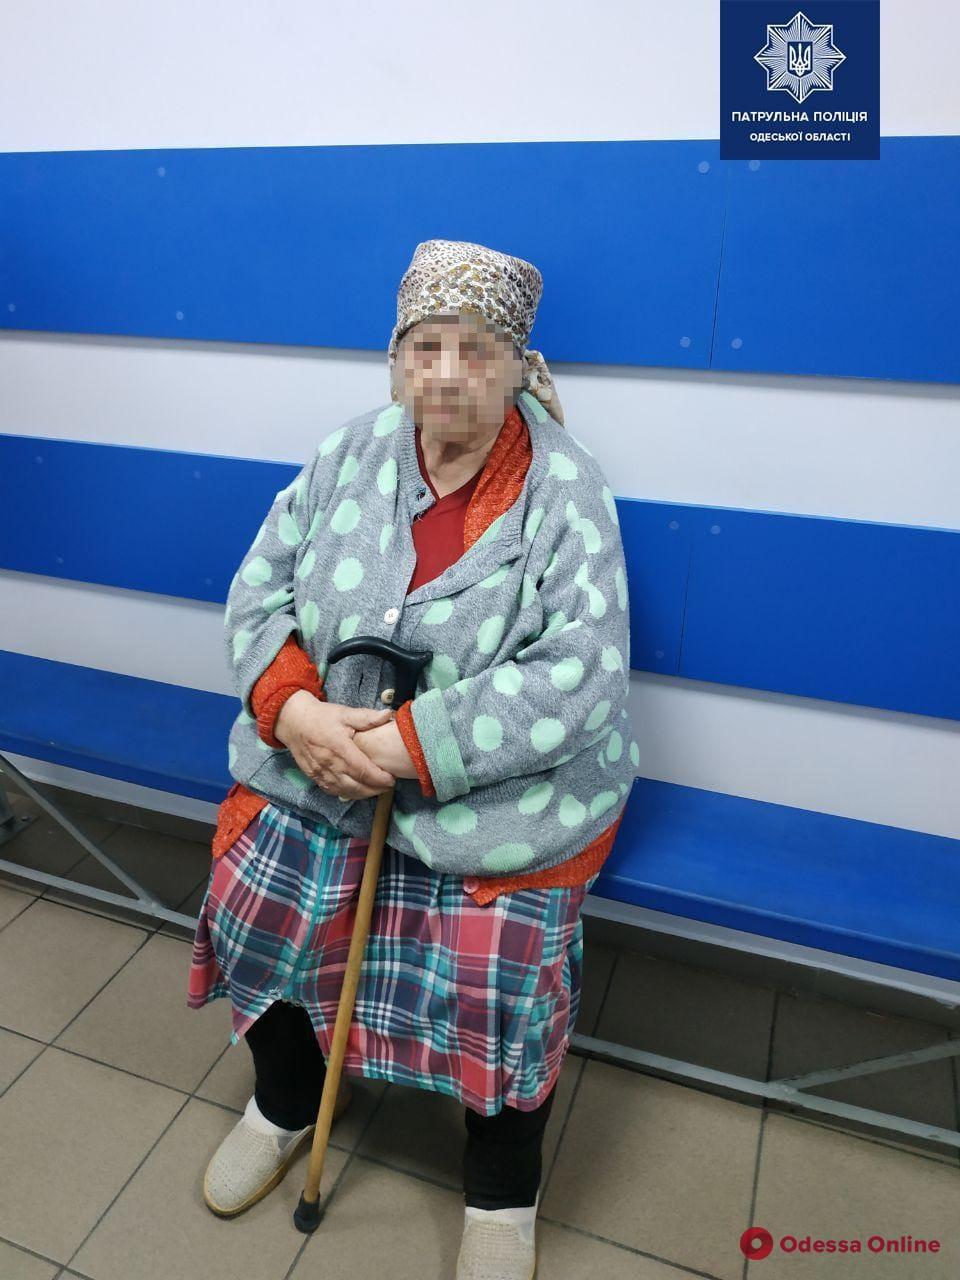 Одесские патрульные разыскали родственников потерявшейся пенсионерки